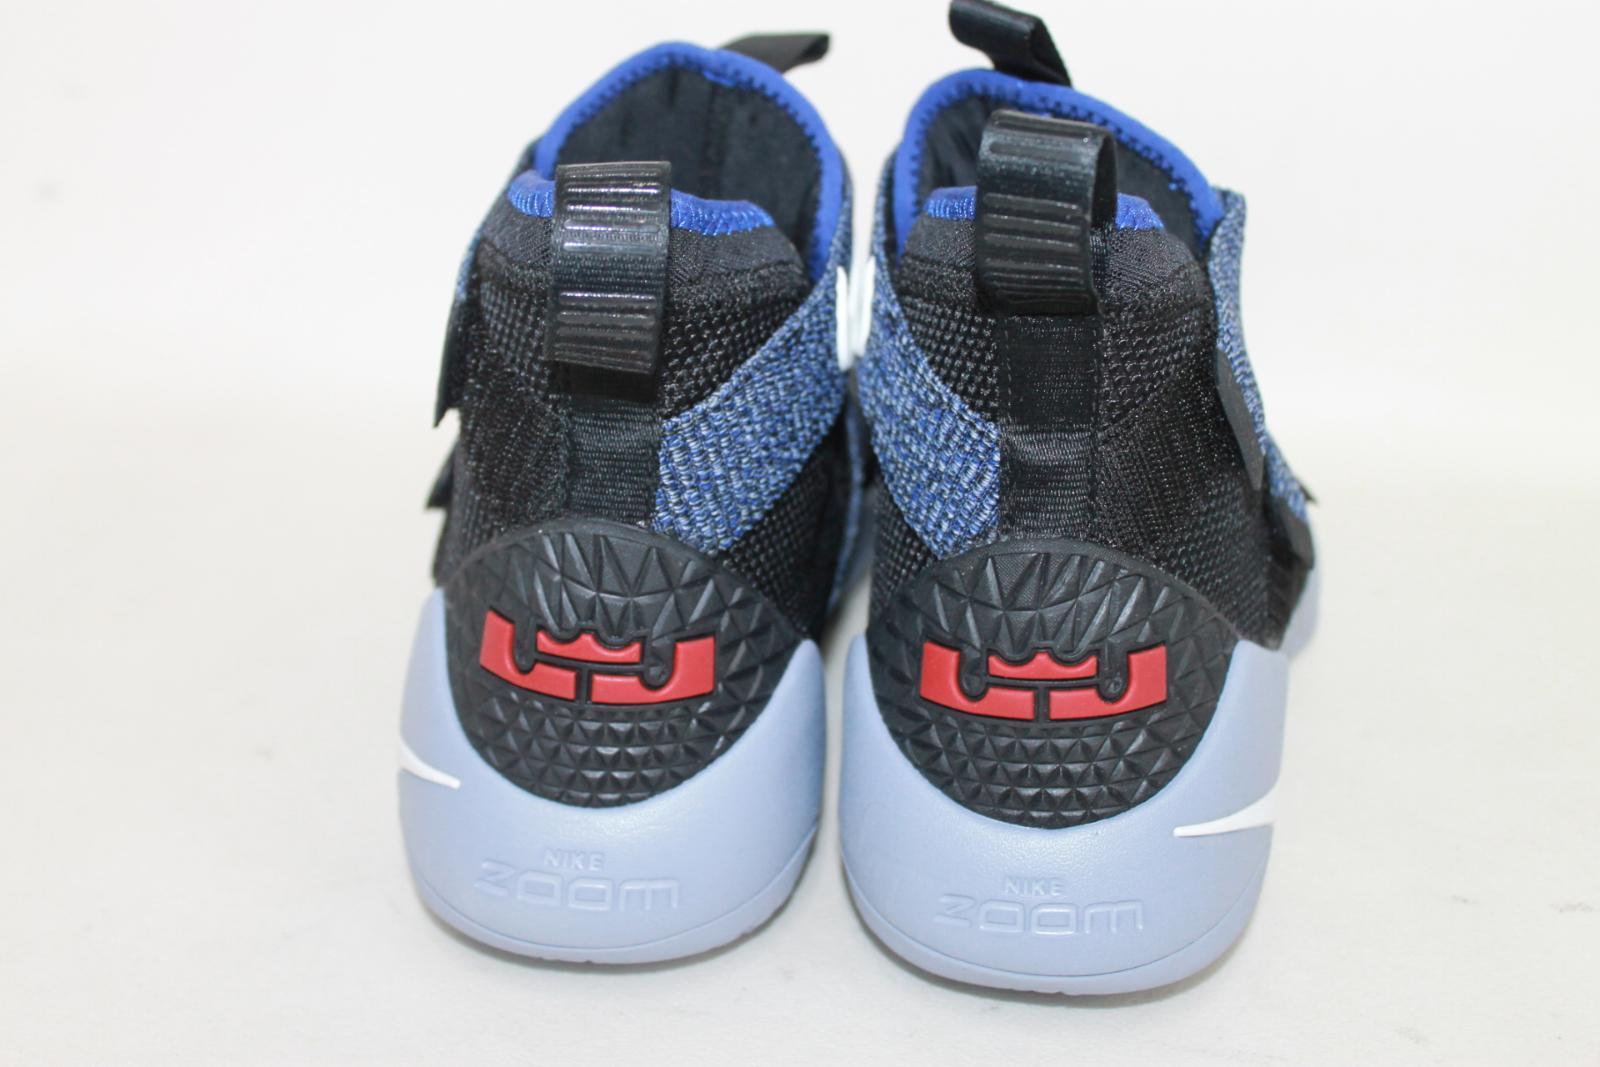 ball 5 Xi de Eu44 Nike Nouveau Soldier Zoom basket Lebron Bottes Uk9 taille Chaussures 5 wF8qIx6Yq